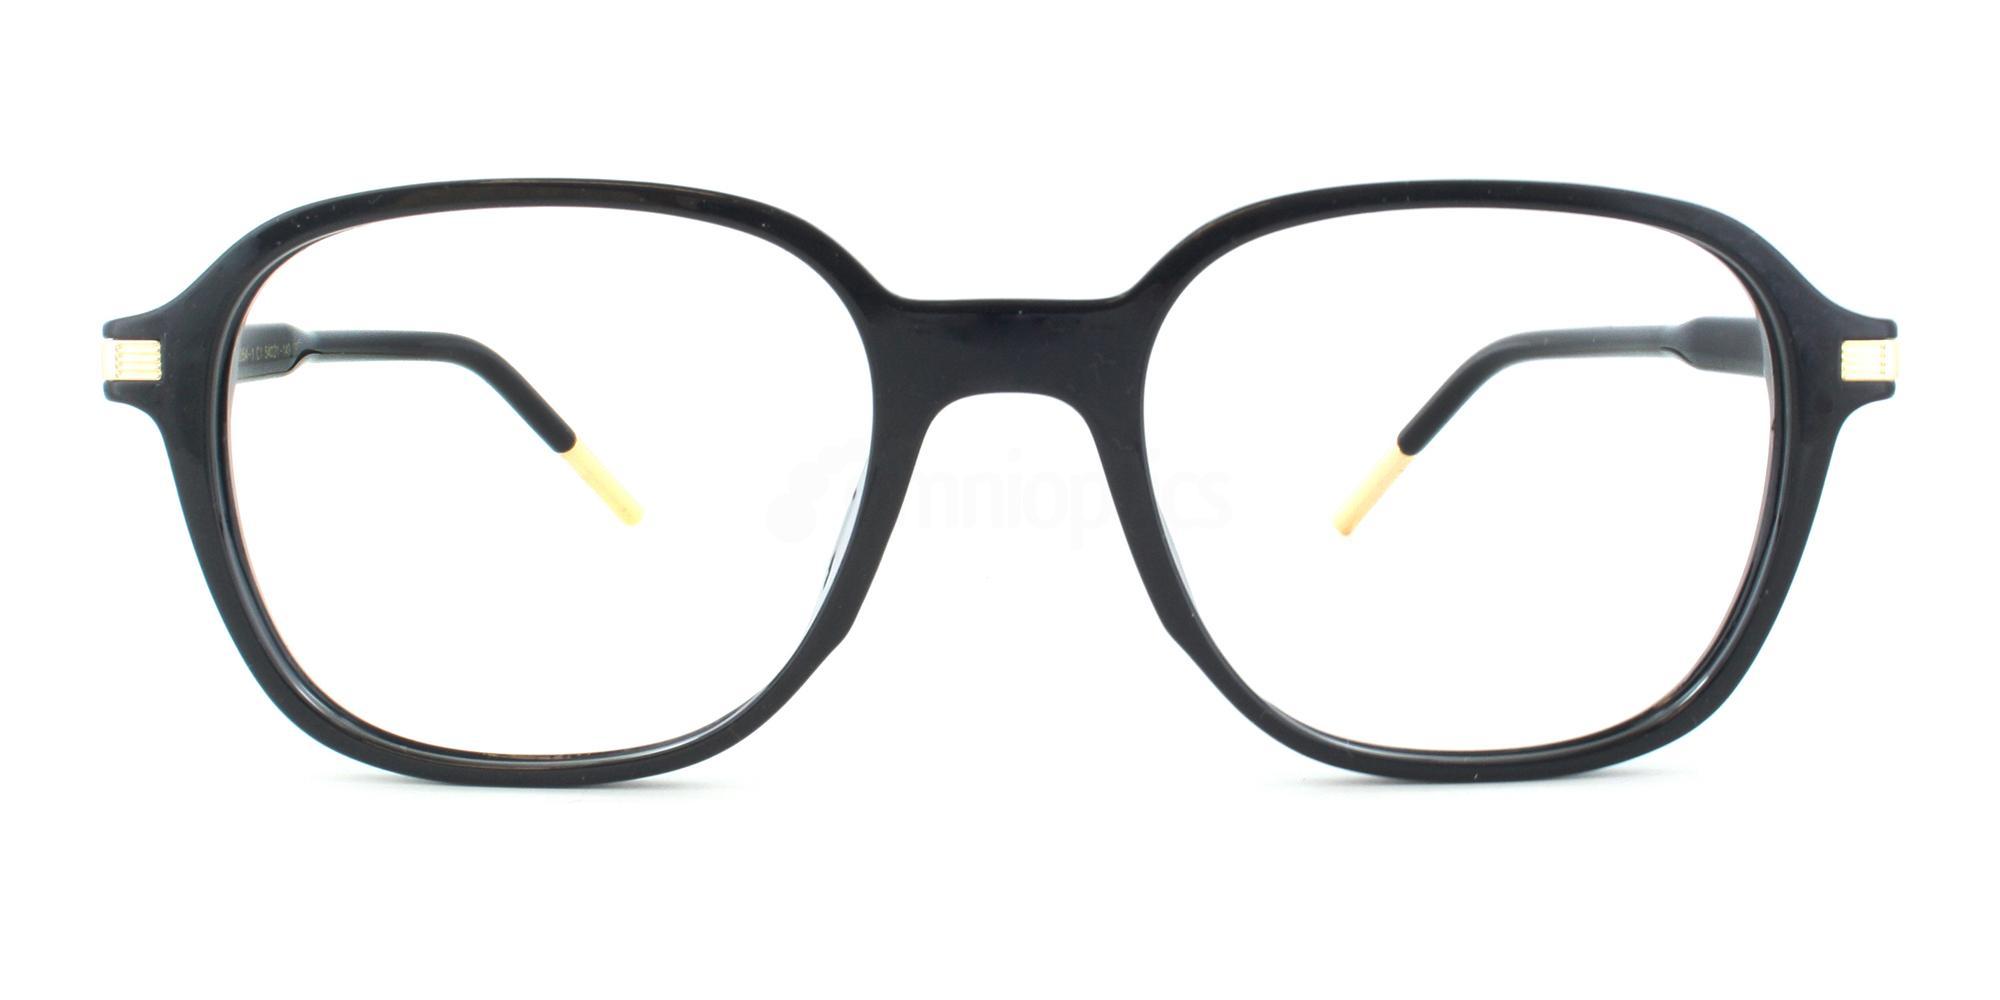 C1 S32054-1 Glasses, Infinity